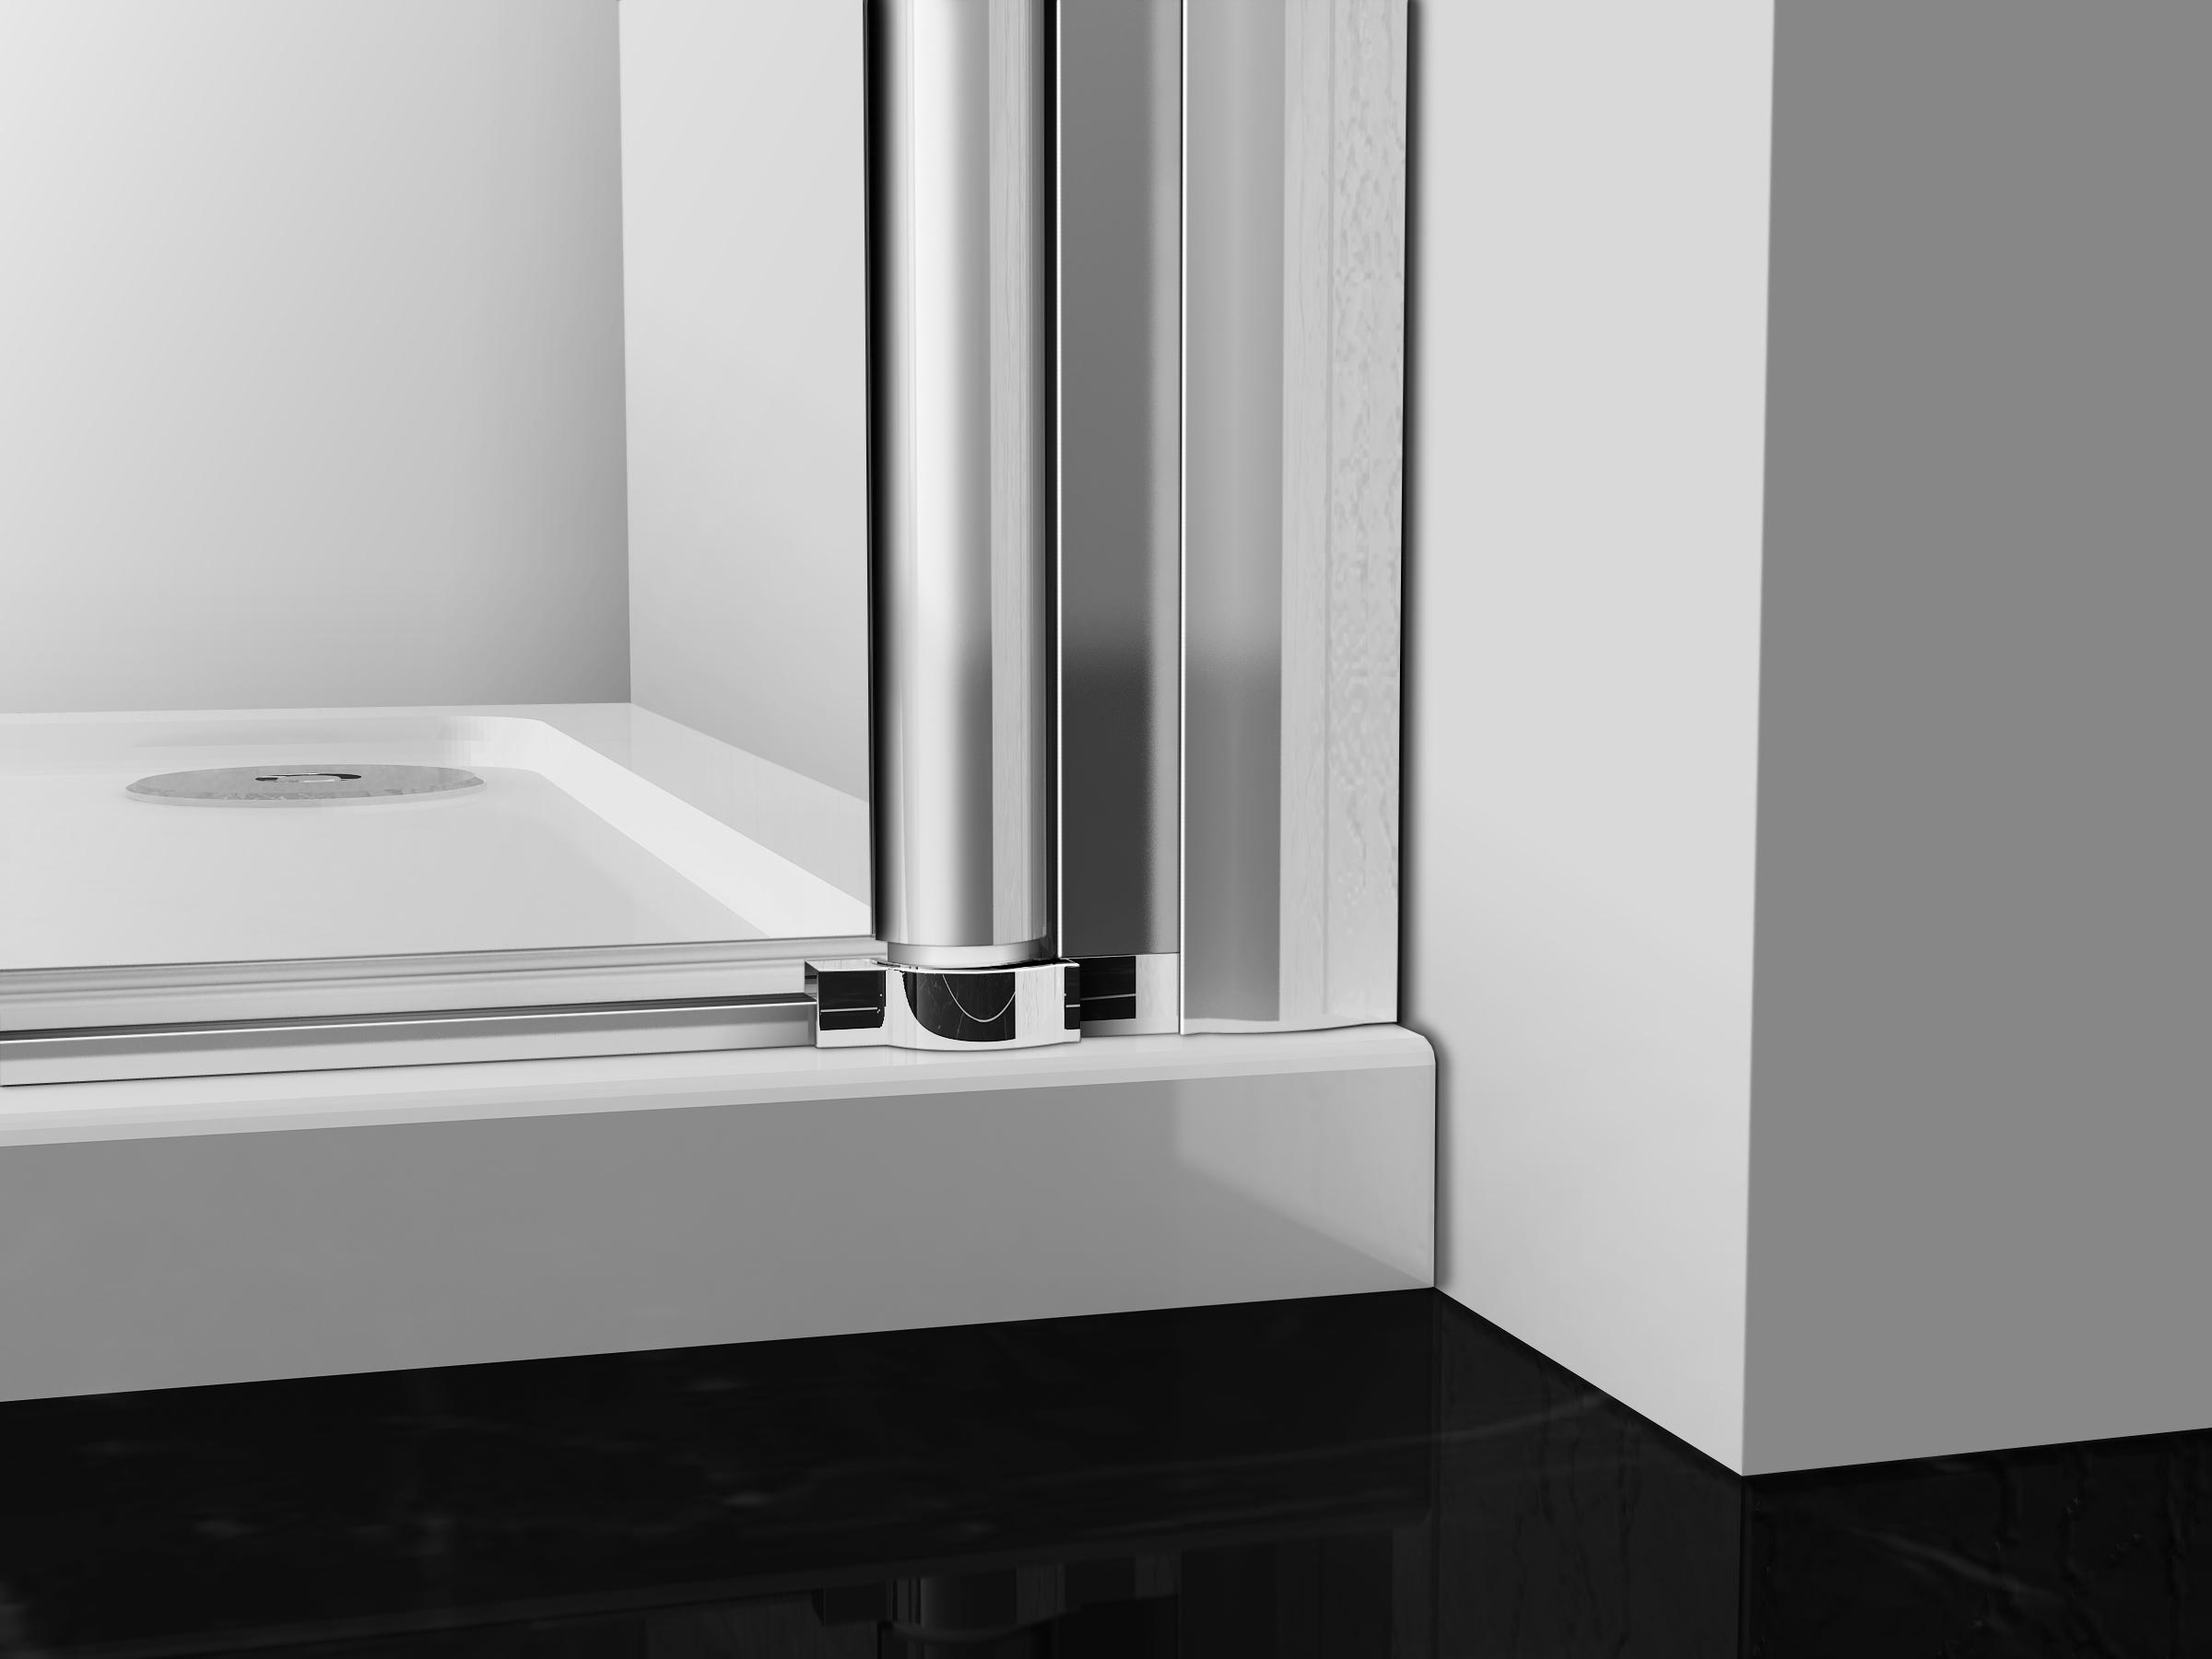 70 x 90 cm duschkabine duschabtrennung dusche schwingt r echtglas duschkabinen ebay. Black Bedroom Furniture Sets. Home Design Ideas